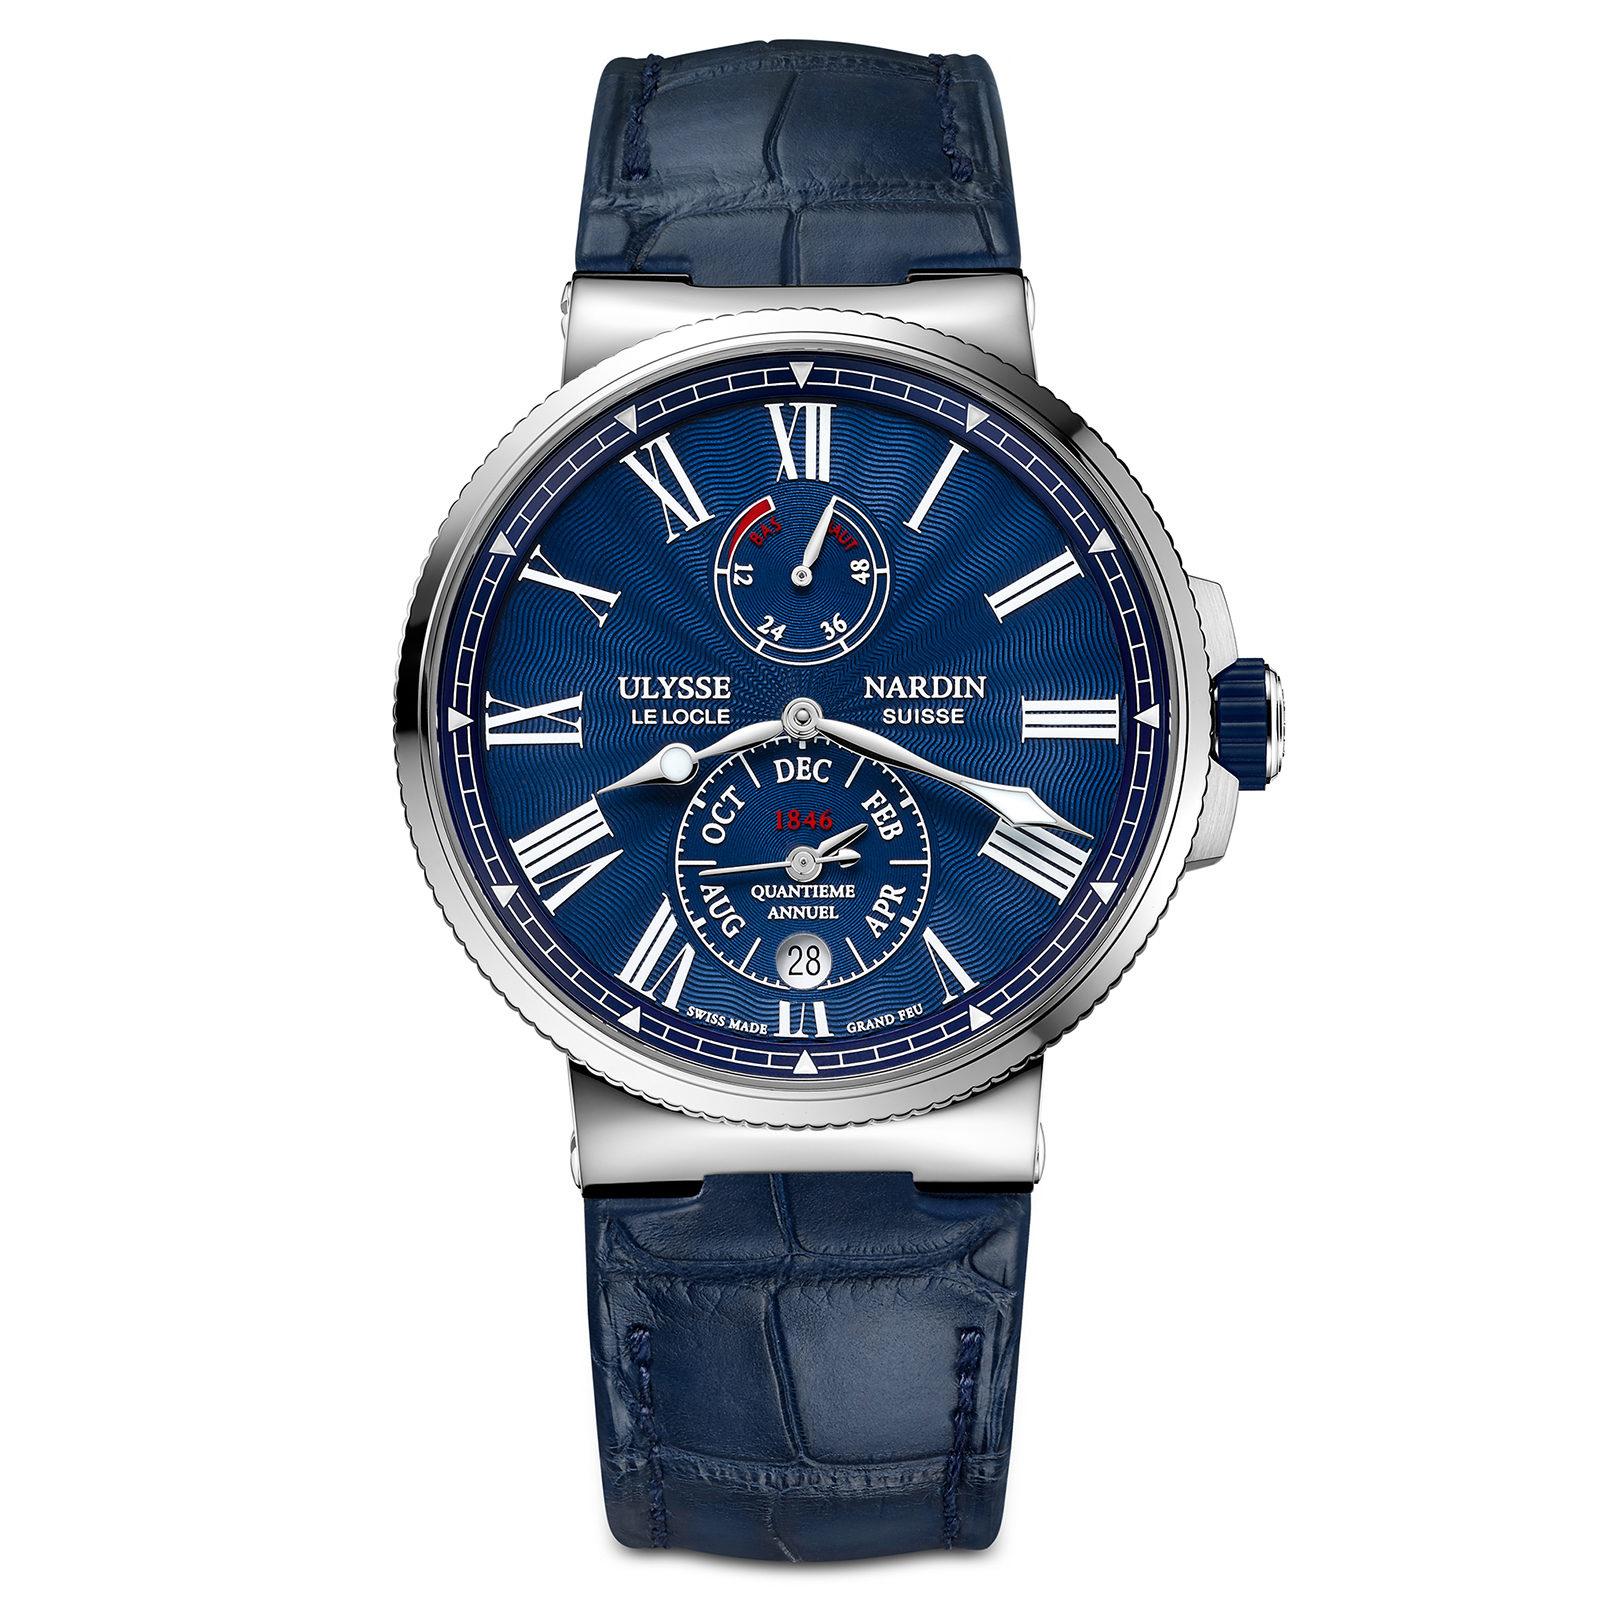 Купить швейцарские часы breguet marine в наличии и на заказ.